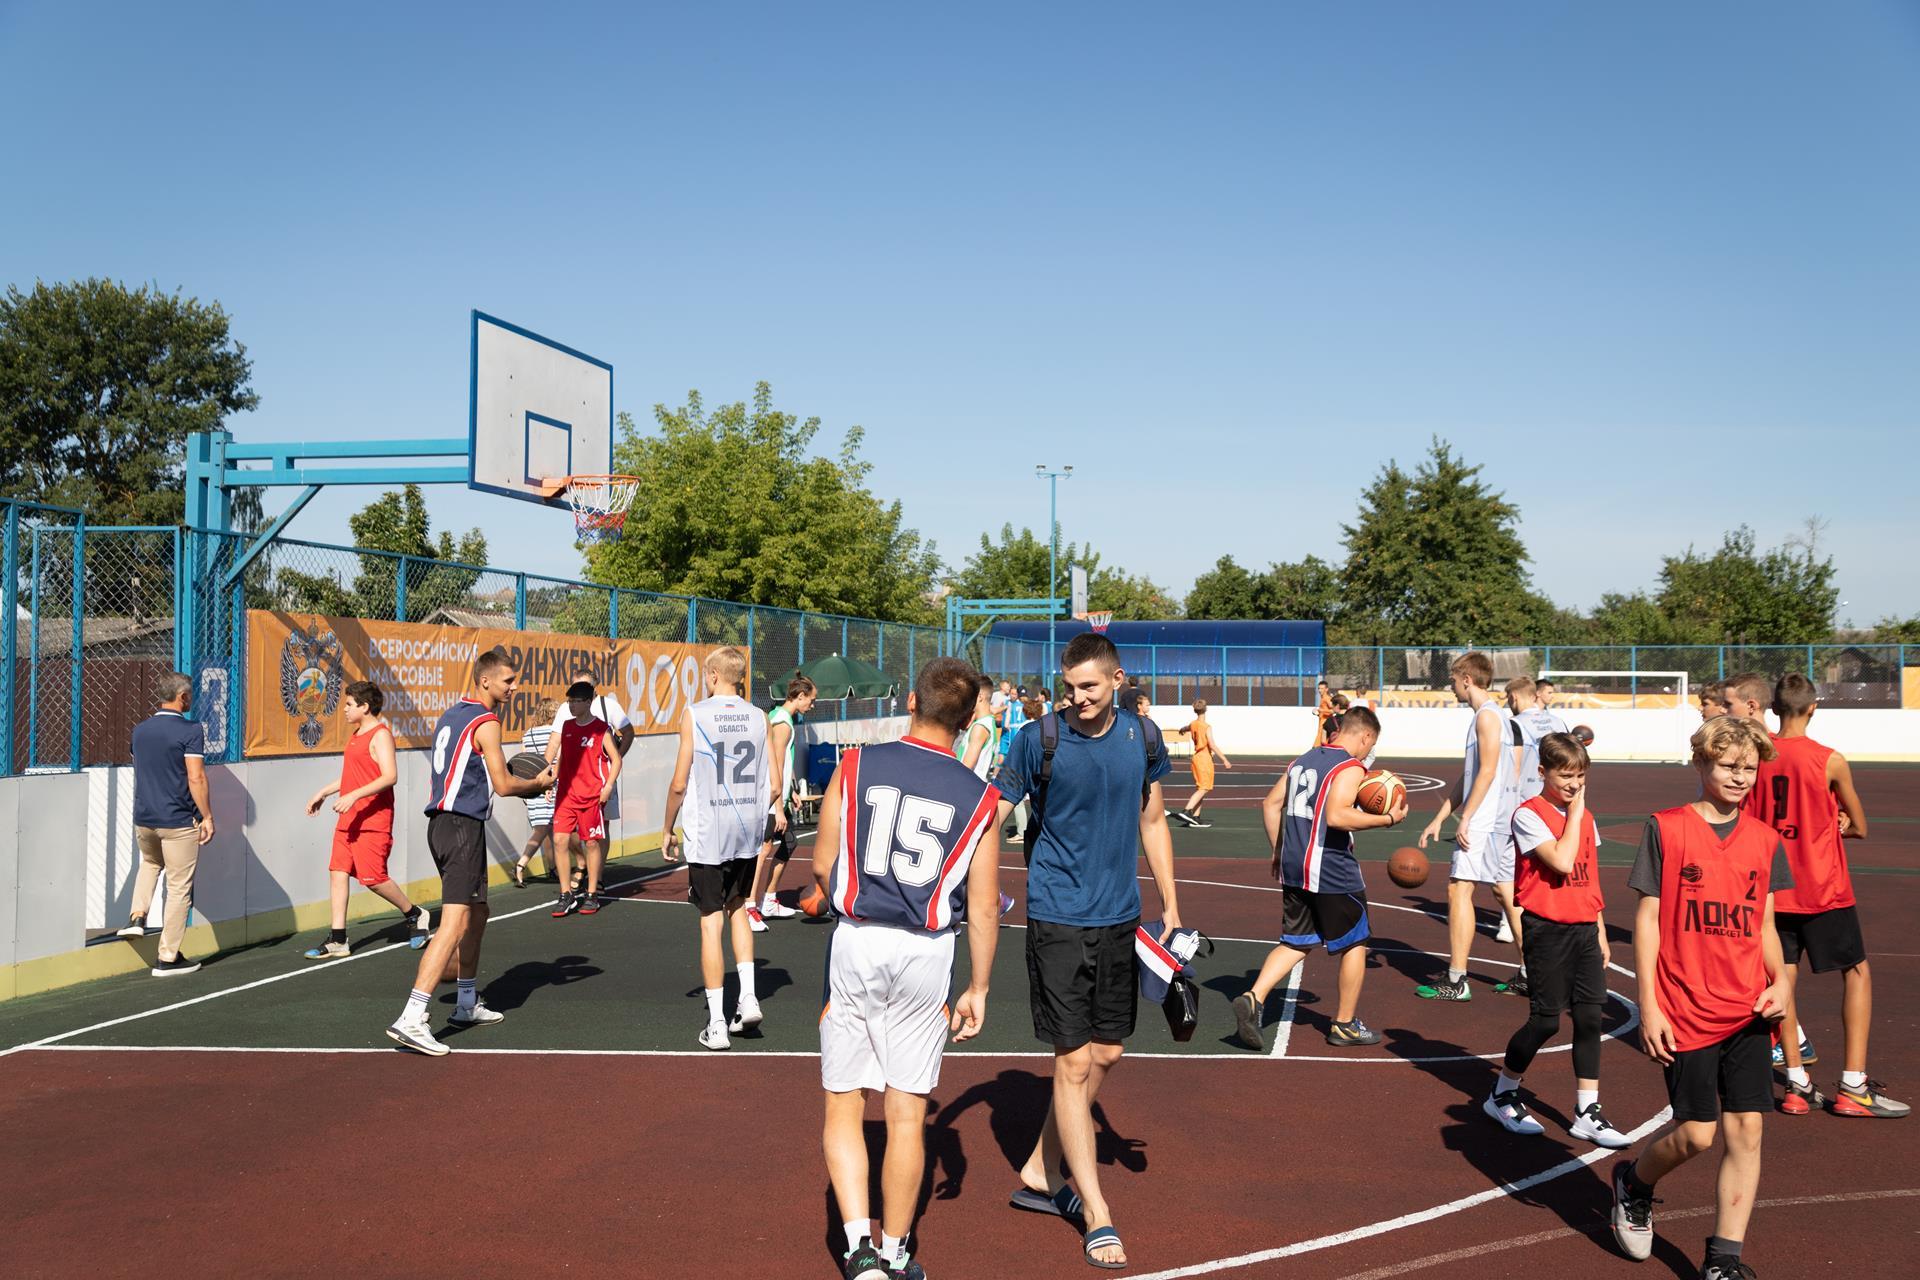 В Клинцах проходит региональный этап Всероссийских соревнований по баскетболу «Оранжевый мяч»